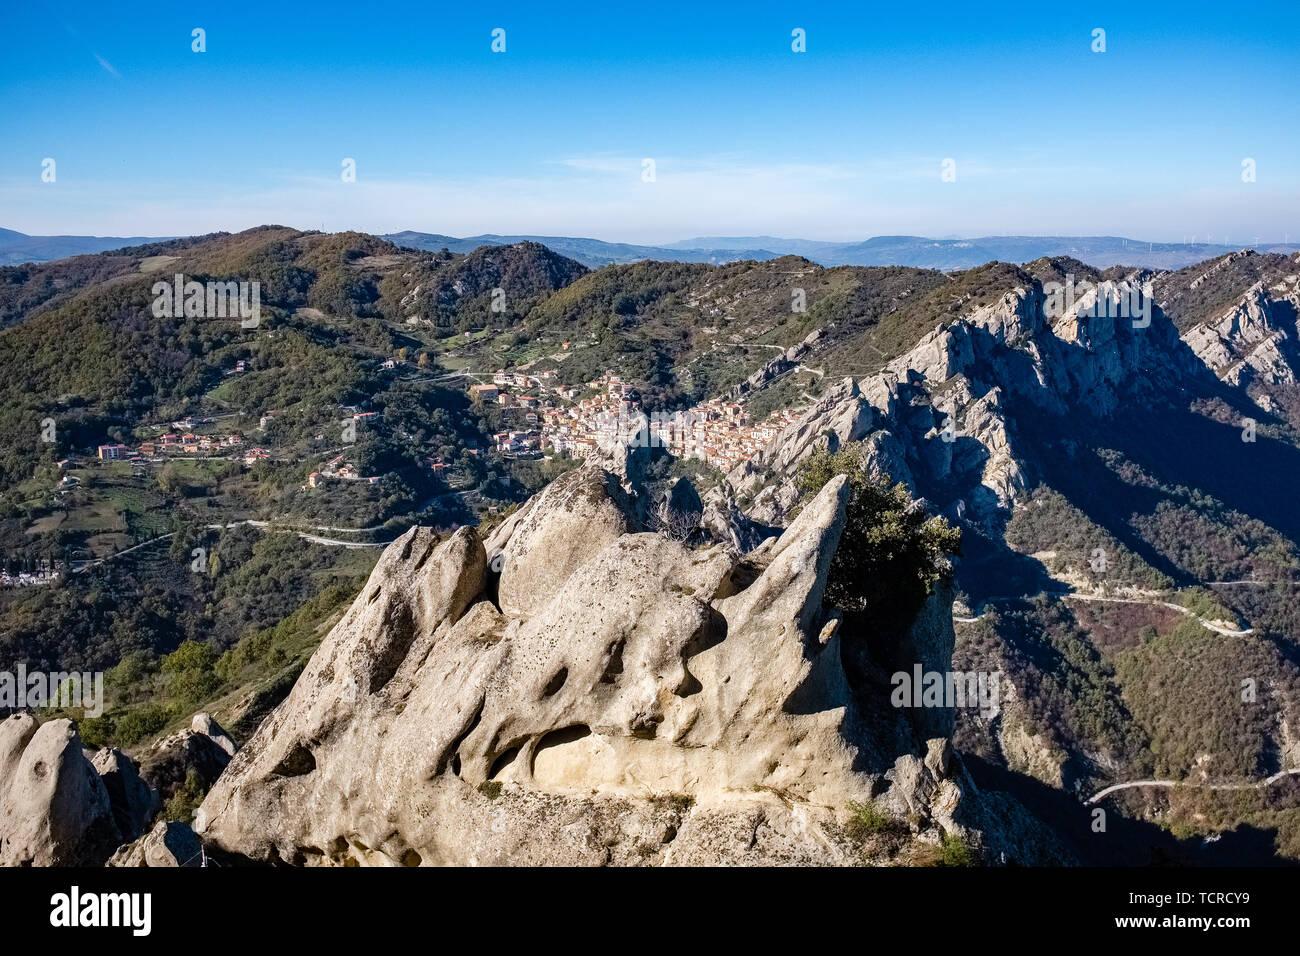 Landscape of Dolomites of Basilicata mountains called Dolomiti Lucane.  In the background Castelmezzano village. Basilicata region, Italy Stock Photo